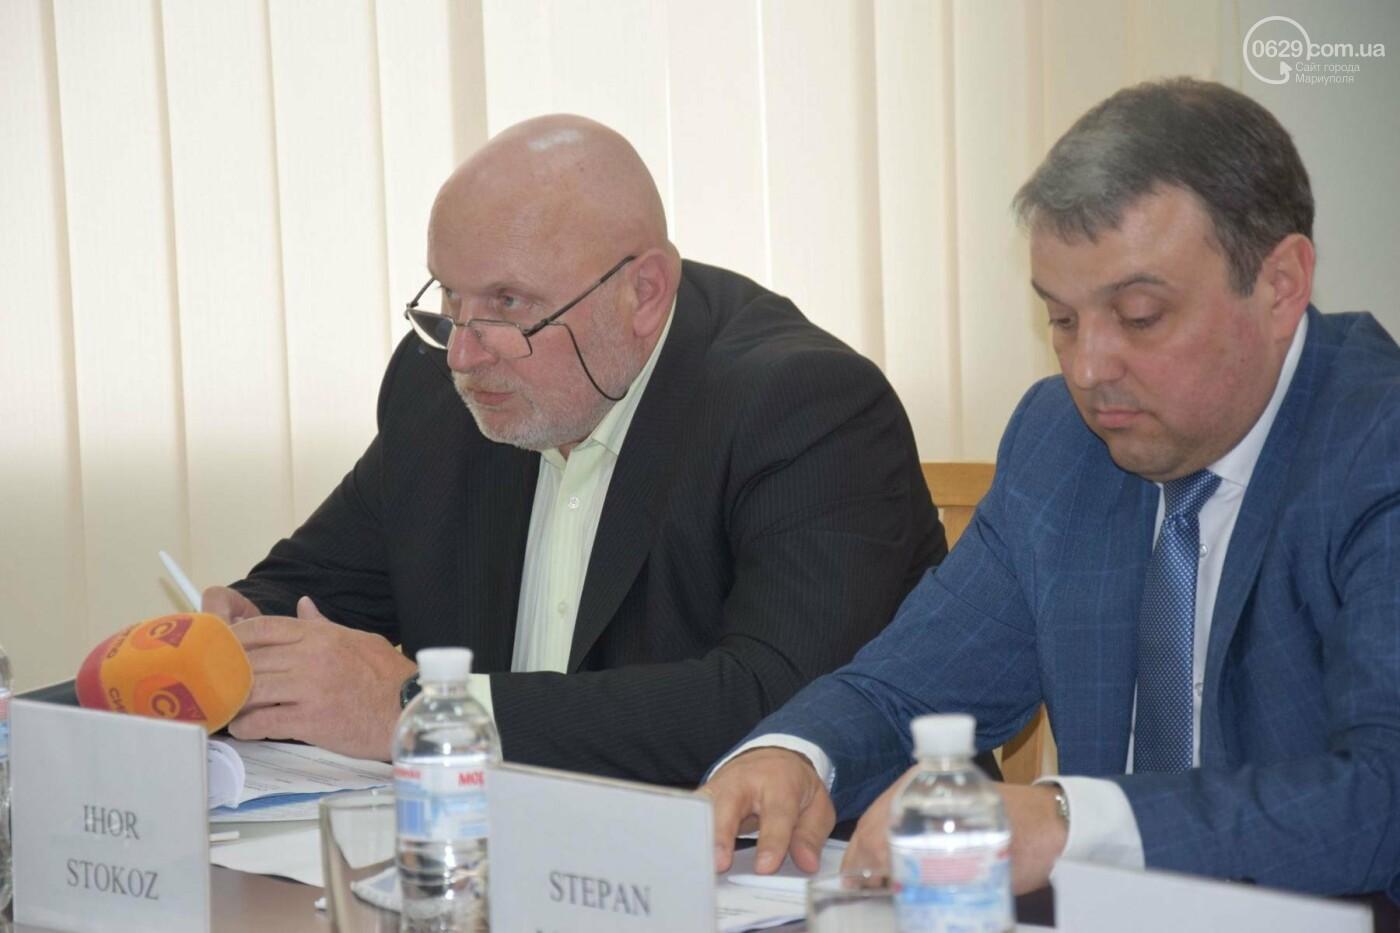 Чрезвычайный и полномочный посол Эстонии приехал в Мариуполь на разведку (ФОТО, ВИДЕО), фото-2